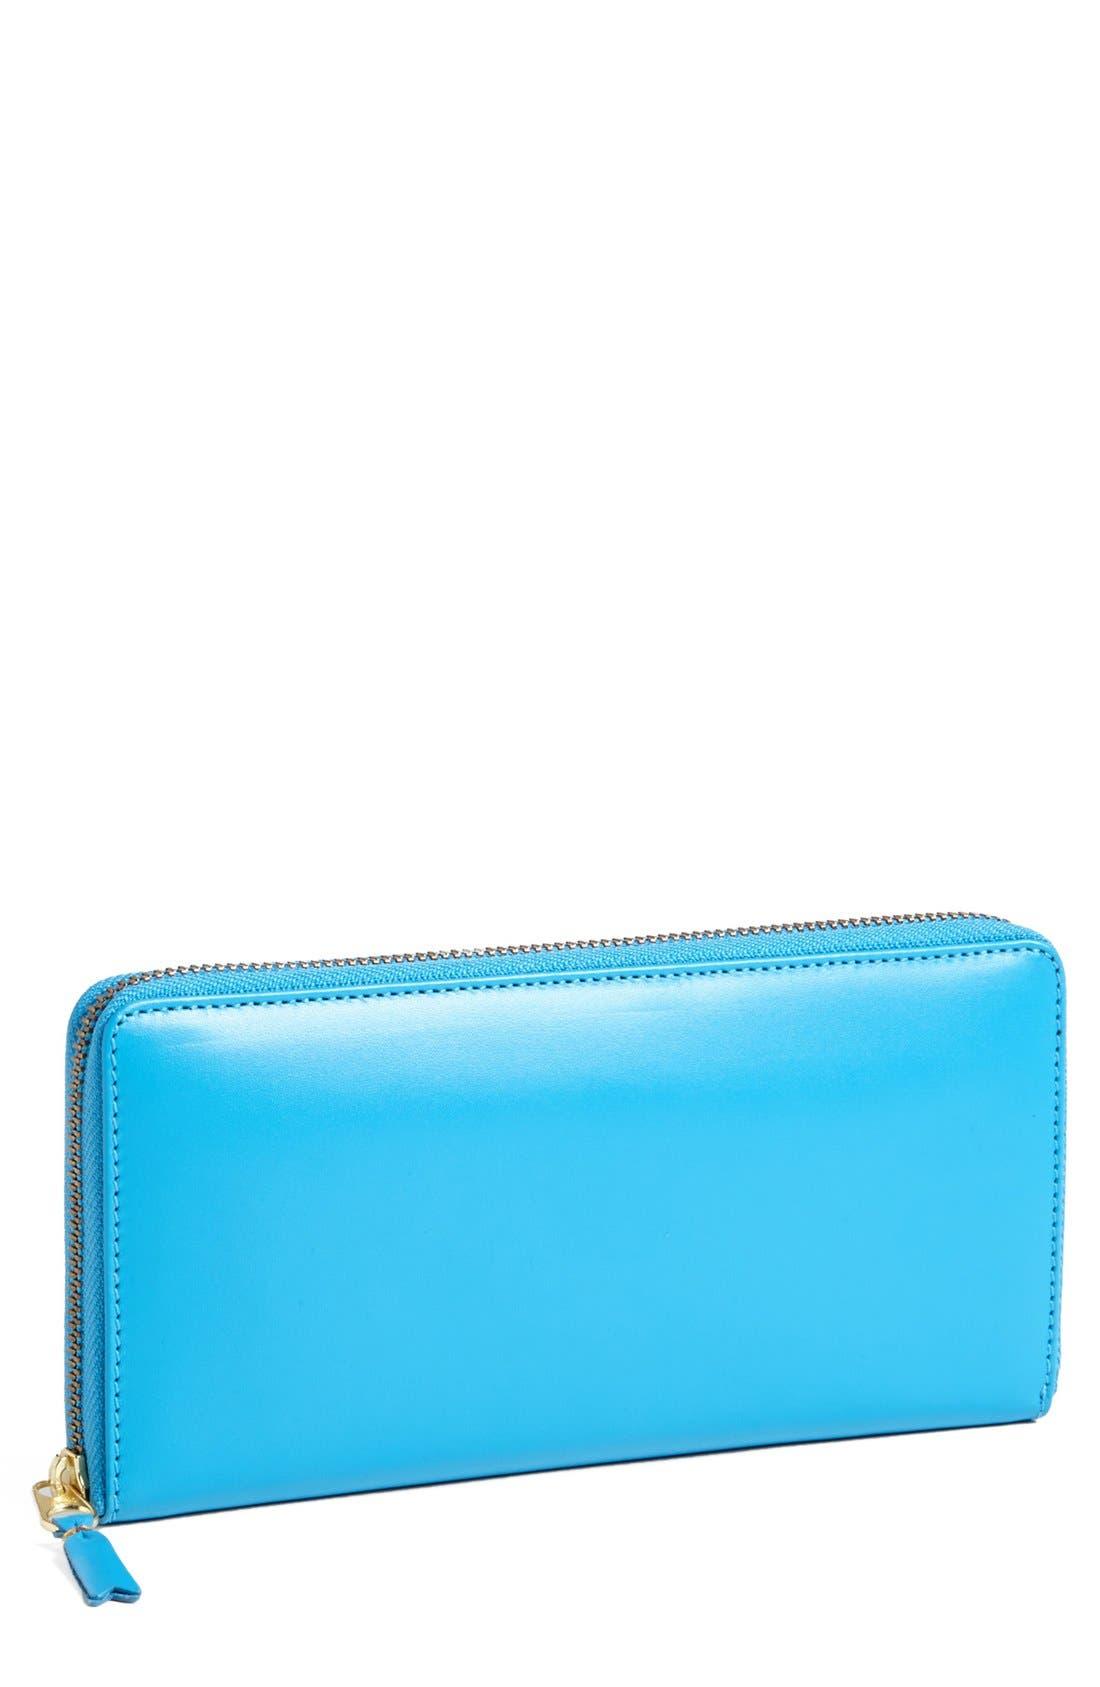 Continental Long Wallet,                             Main thumbnail 1, color,                             Blue